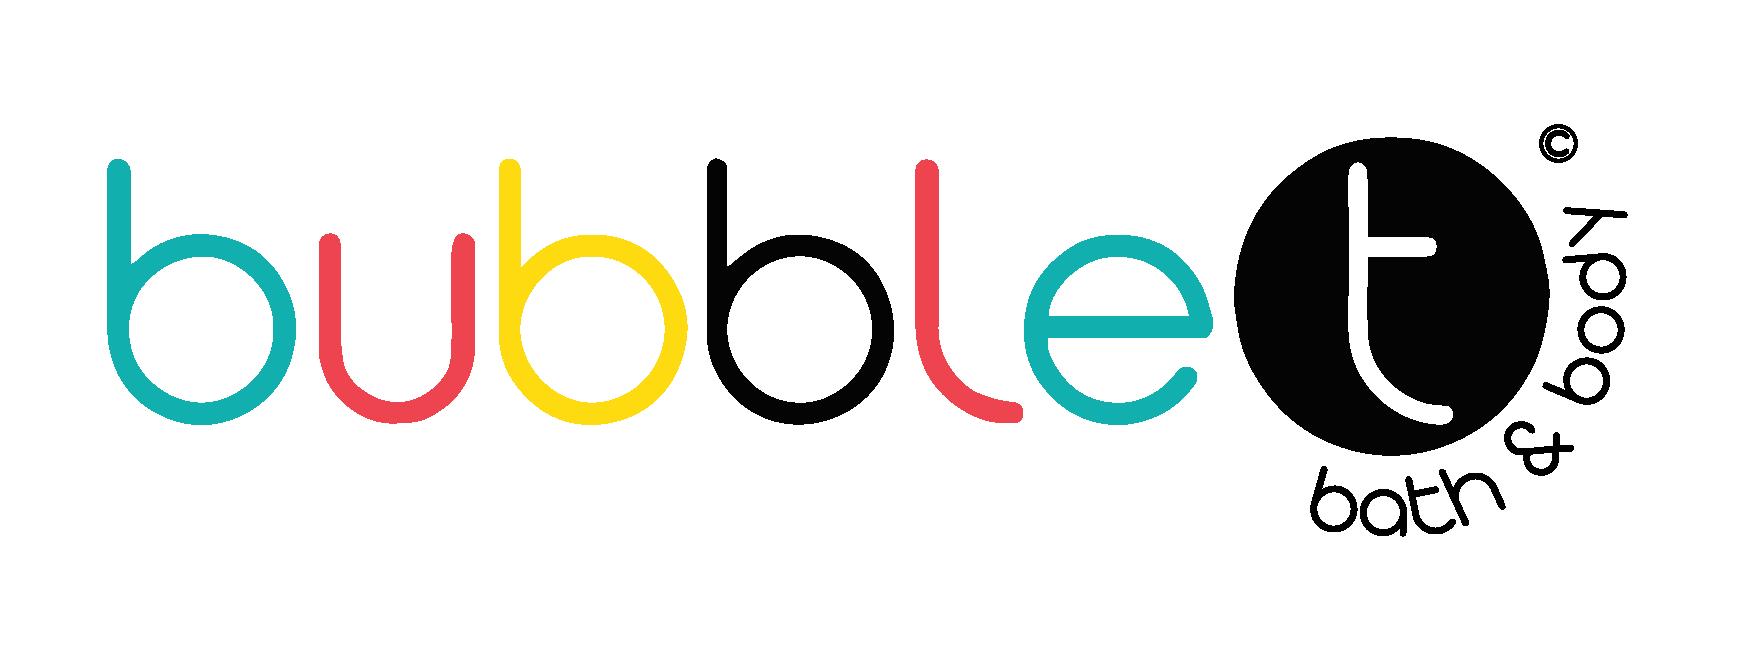 bubble t